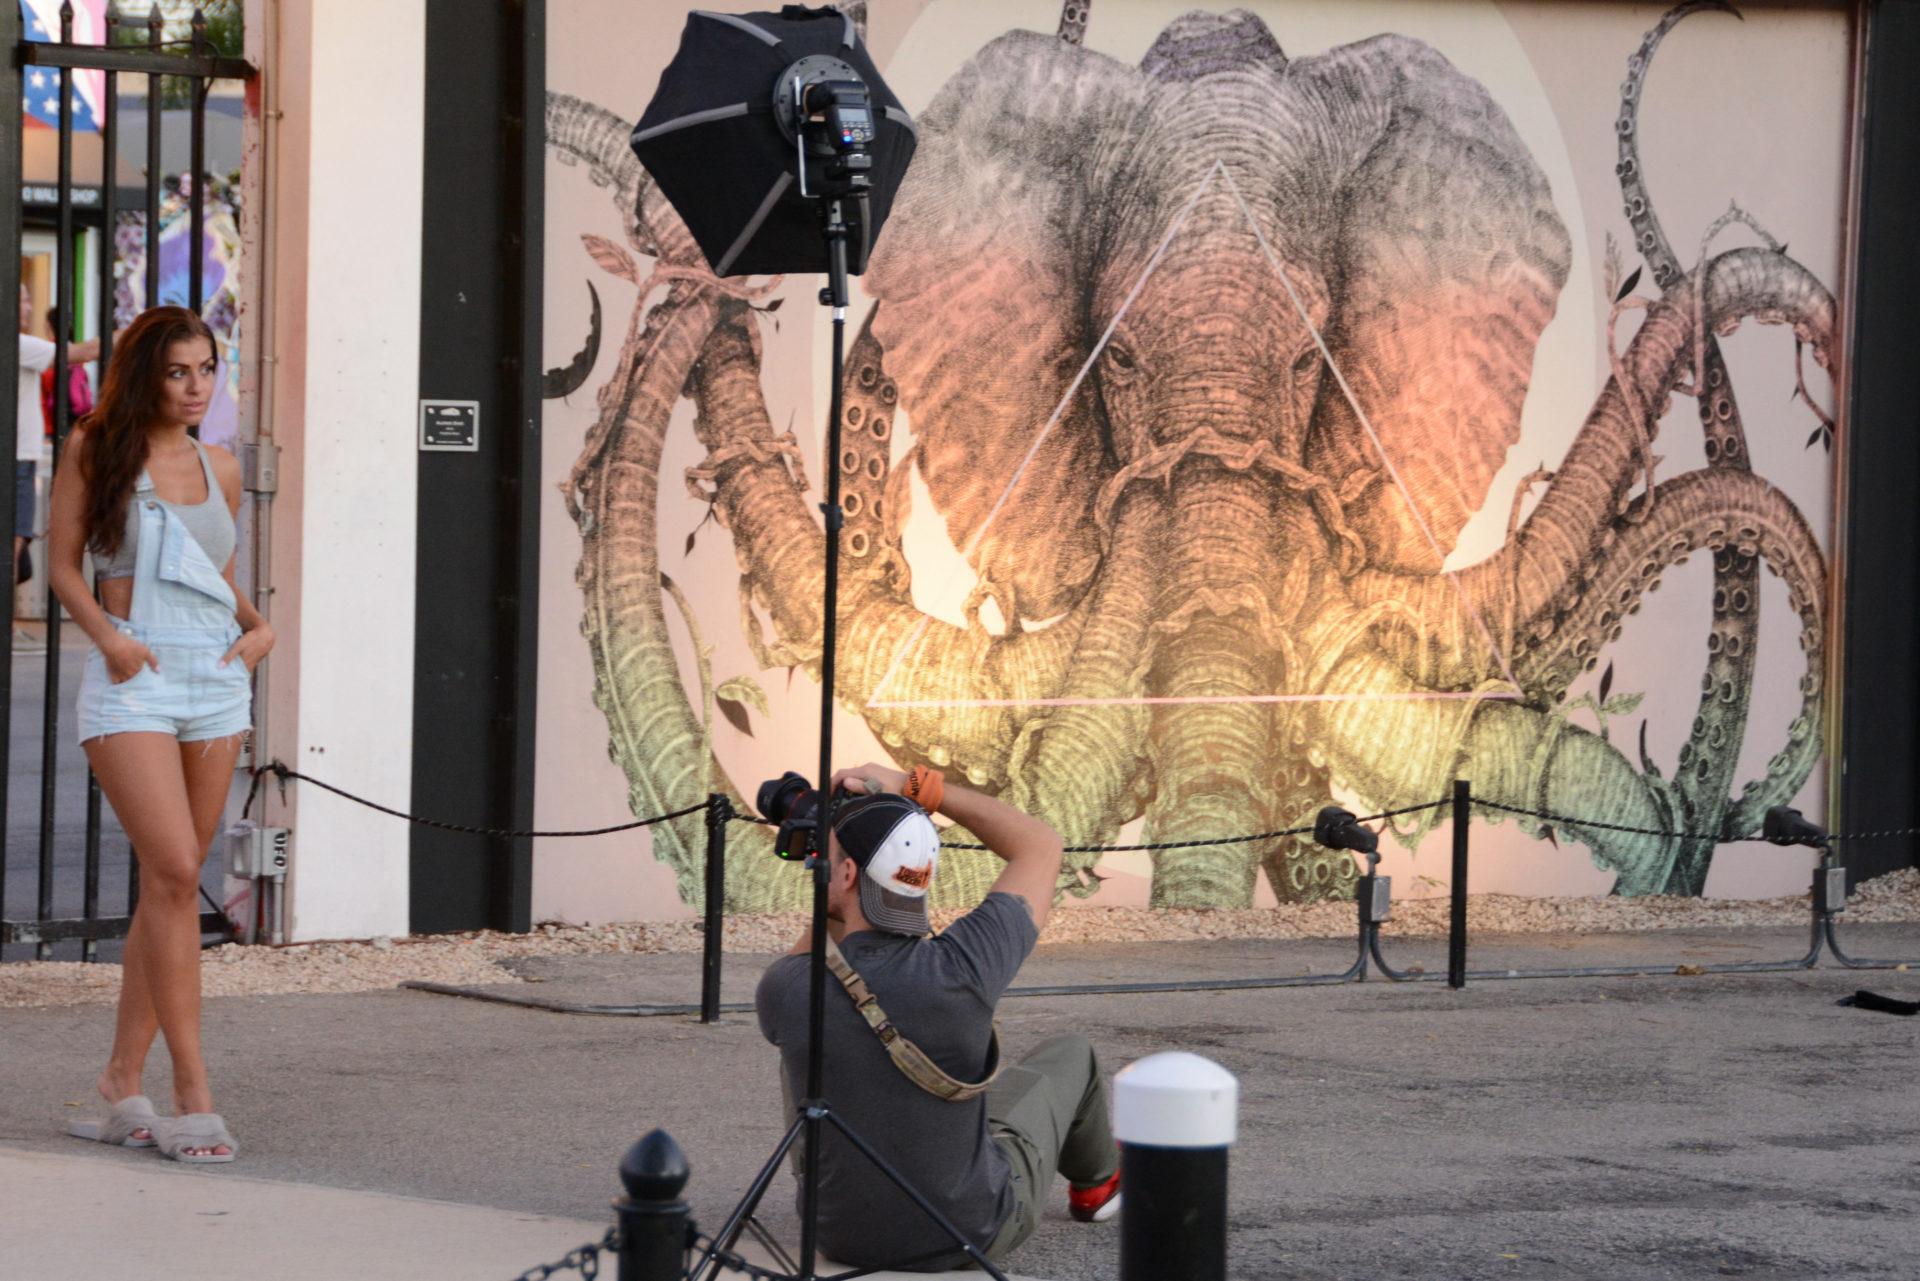 Model wird fotografiert in Wynwwod, Miami, mit Mural von Elefant mit Oktopusarmen